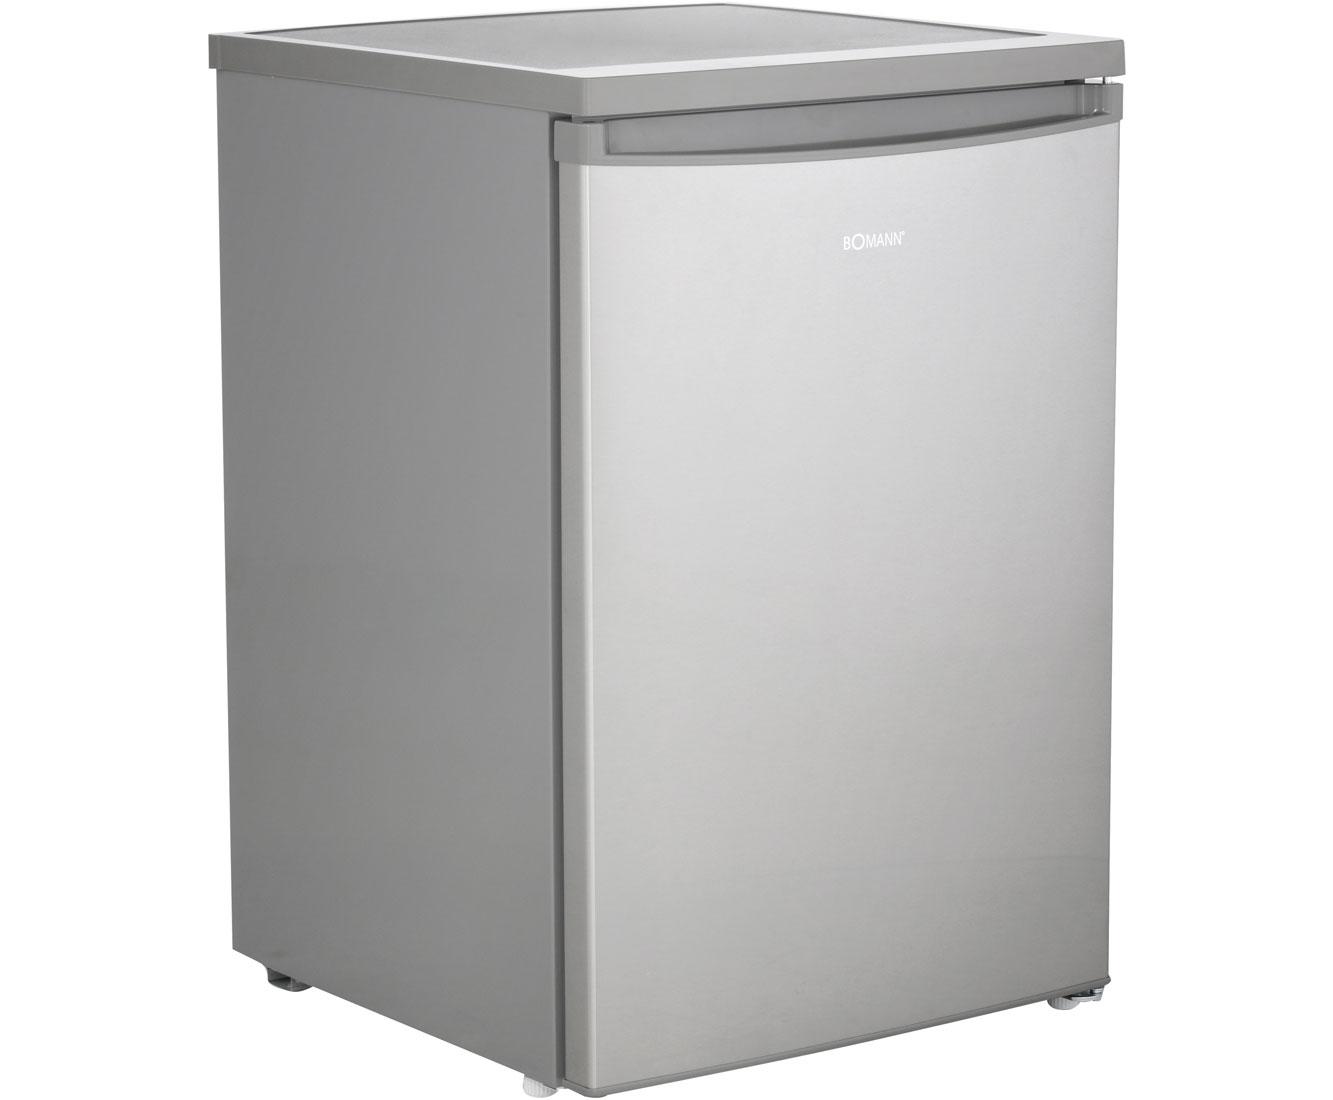 Bomann Kühlschrank Thermostat : Kühlschrank bomann bomann dtr creme